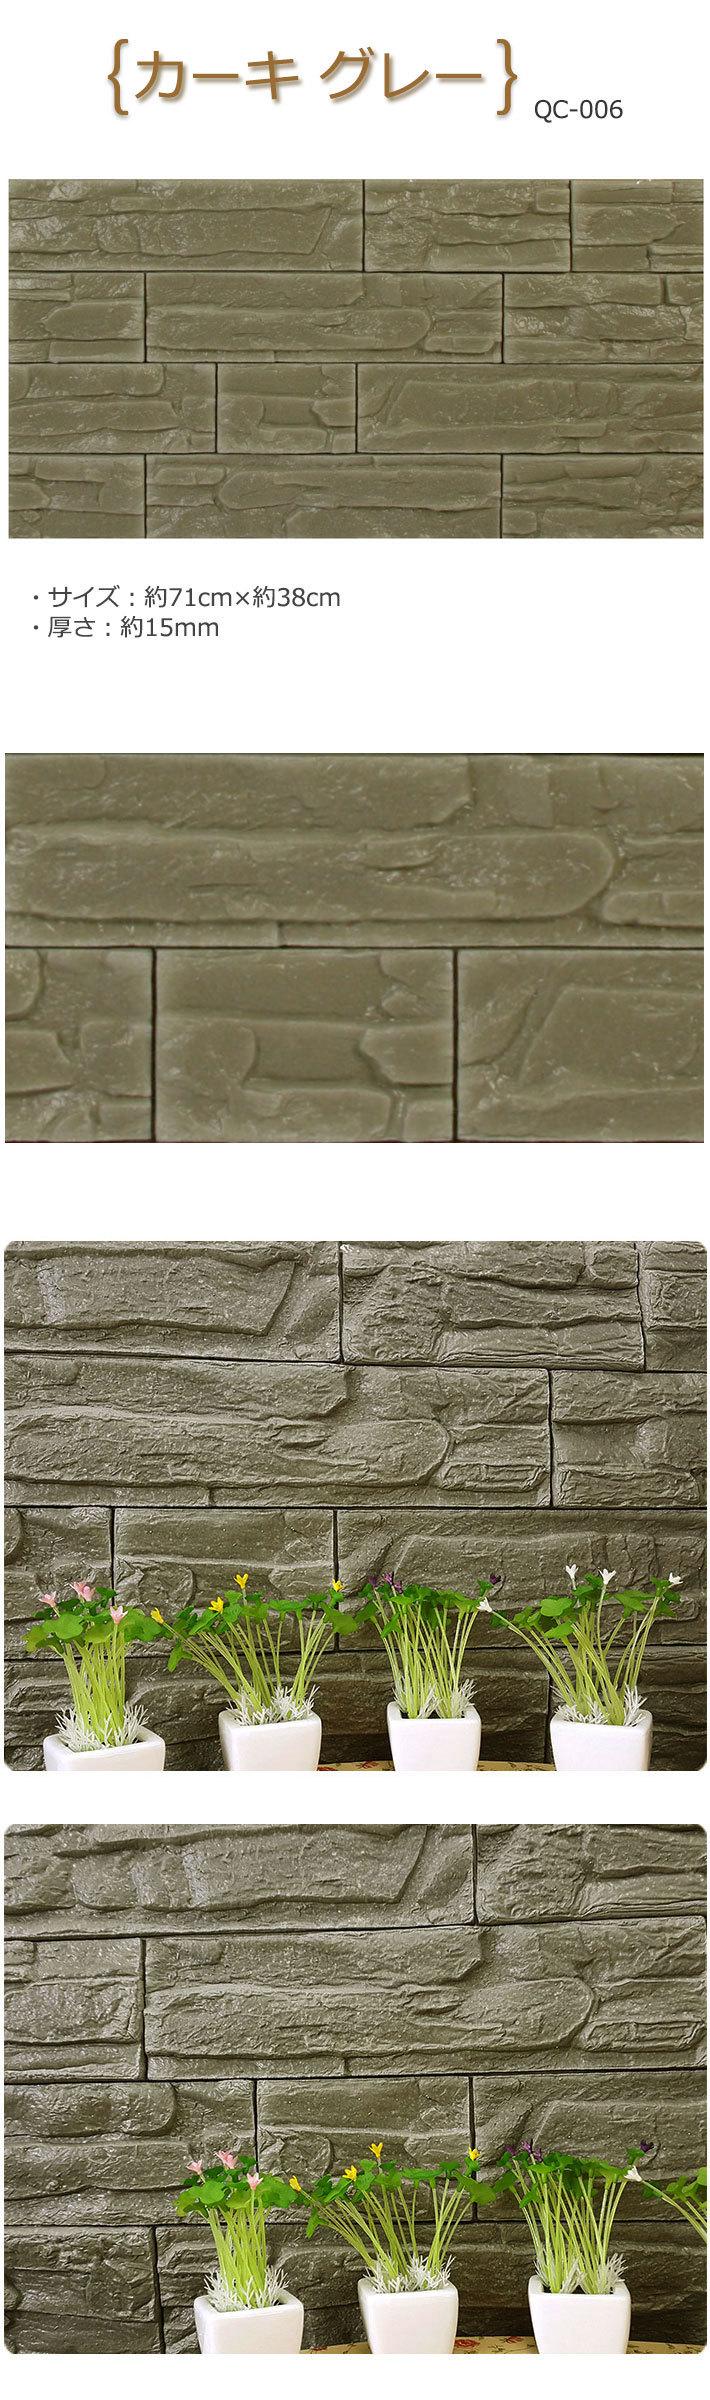 壁紙 レンガ 壁用 ストーン 石目 大理石 クロス 立体 エ ケイララ ポンパレモール店 ポンパレモール